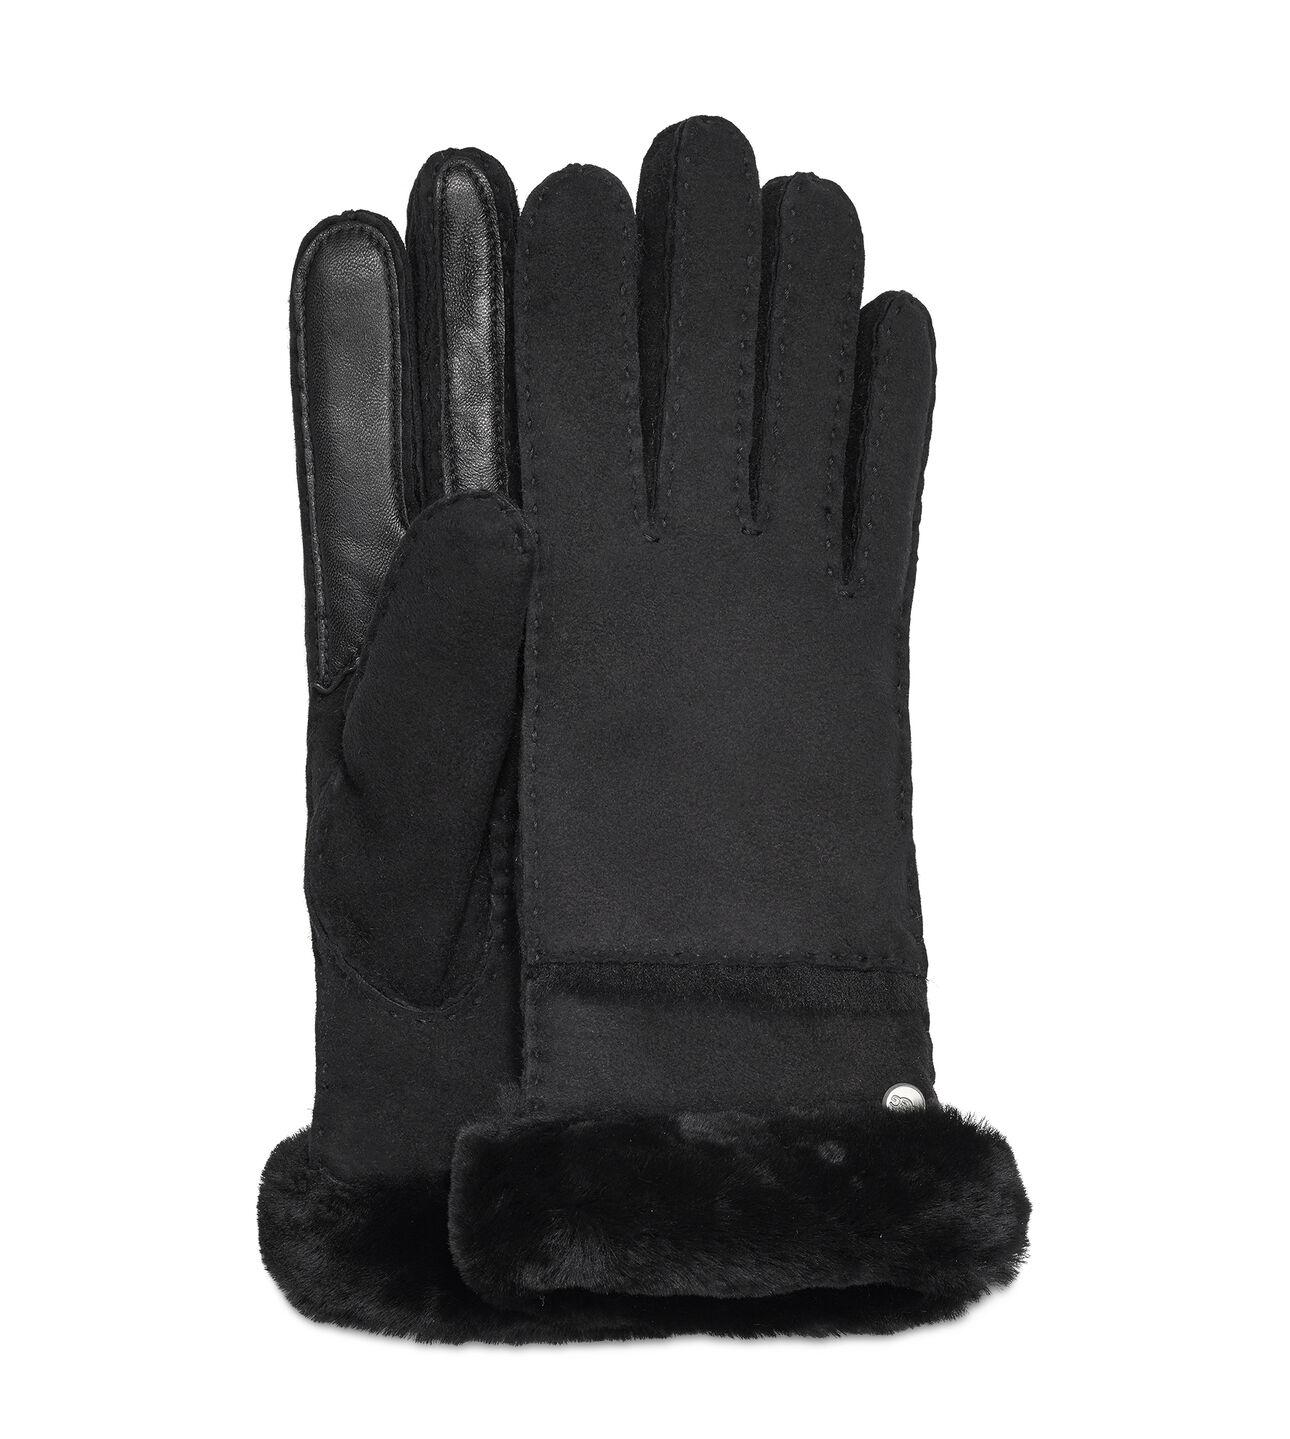 e4ef16eb10 Ugg Gloves Reviews - Image Of Gloves